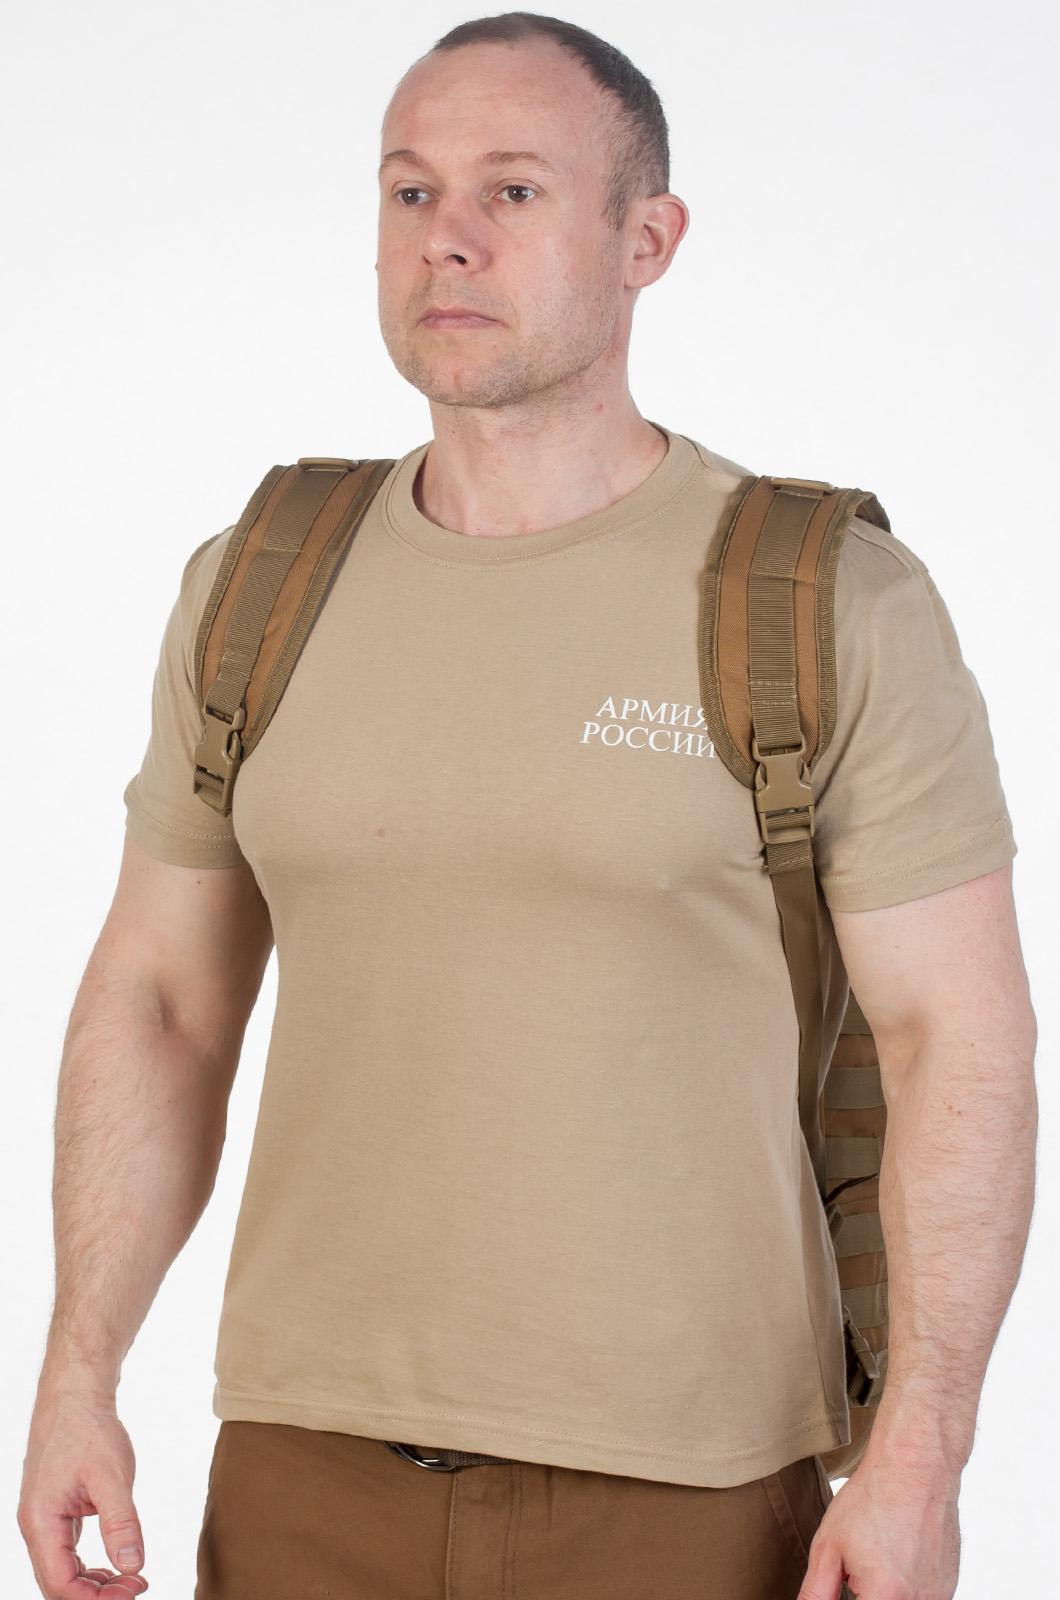 Тактический рейдовый рюкзак с нашивкой МВД - купить в розницу